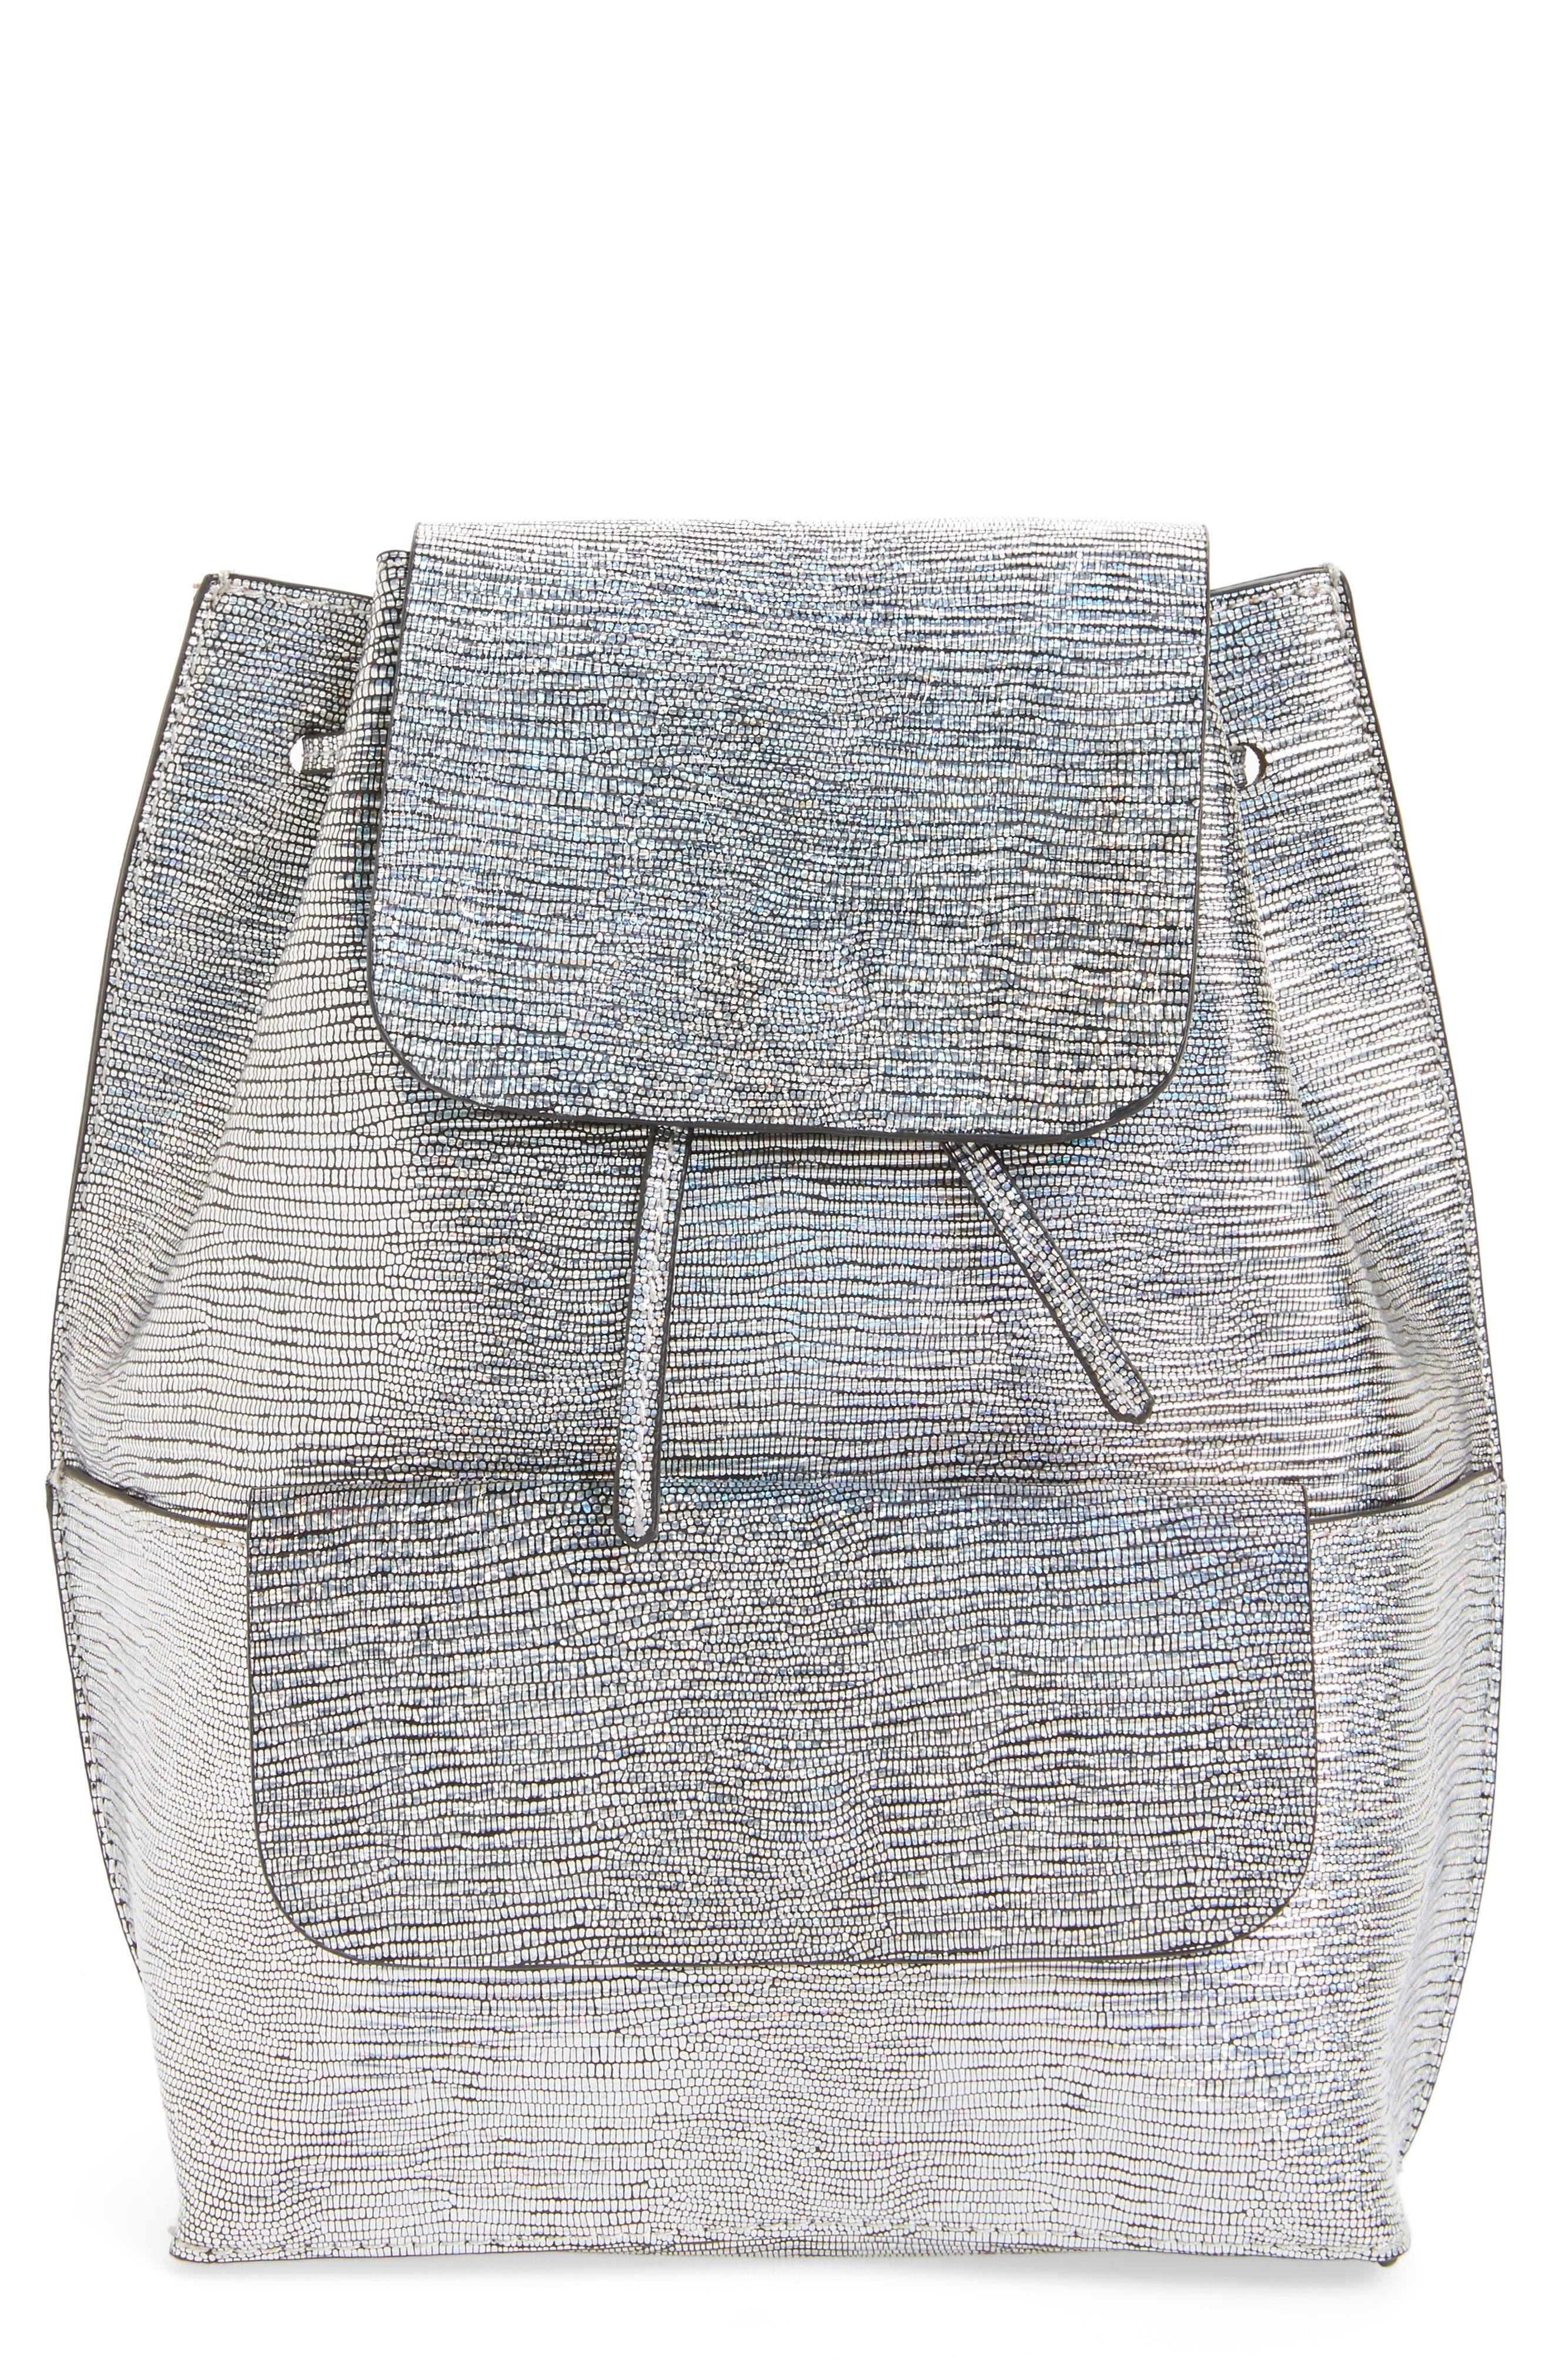 Alternate Image 1 Selected - Street Level Flap Pocket Backpack